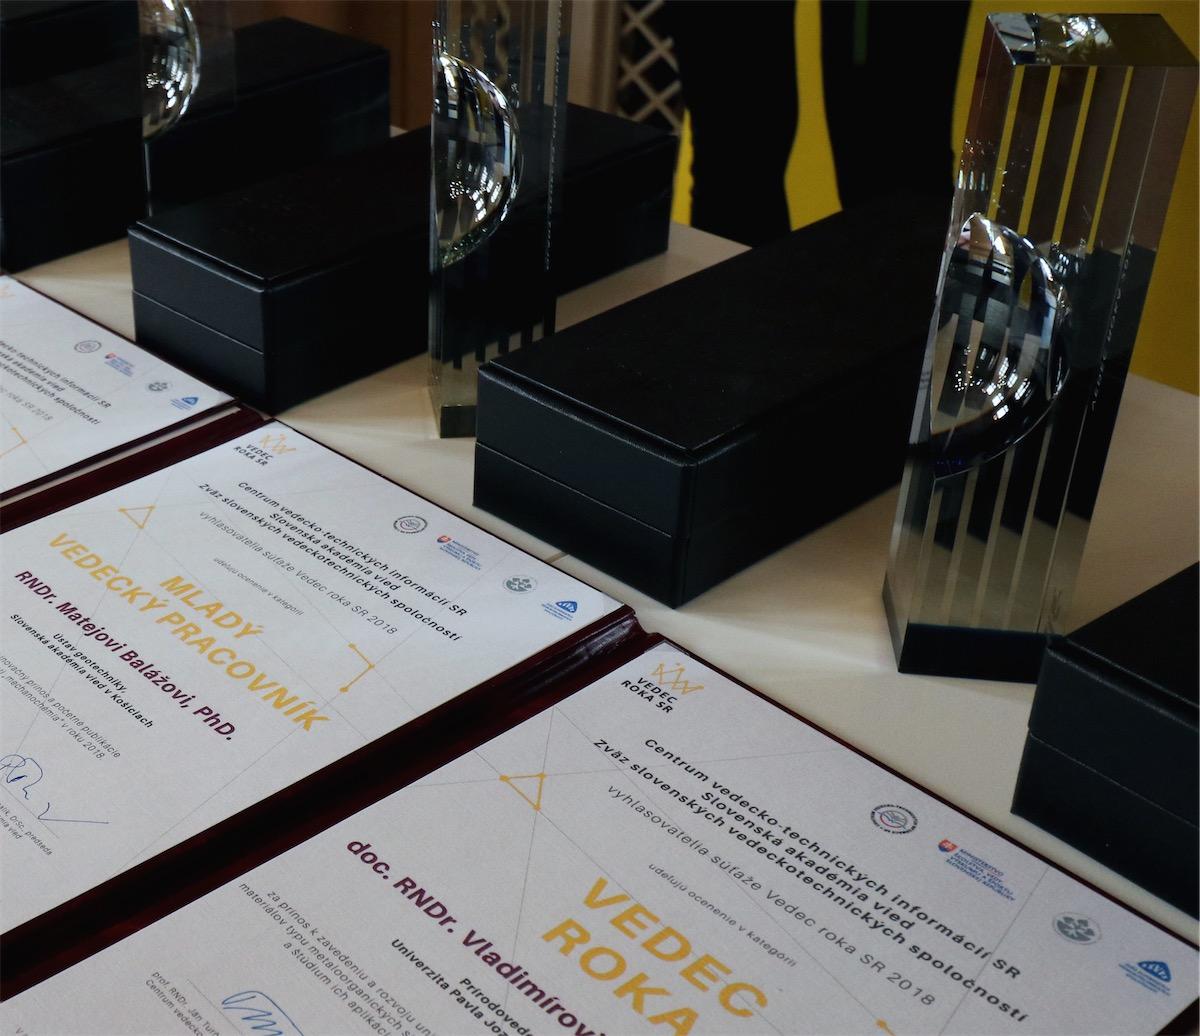 Profesor Otokar Grošek je laureátom ocenenia Vedec roka 2018